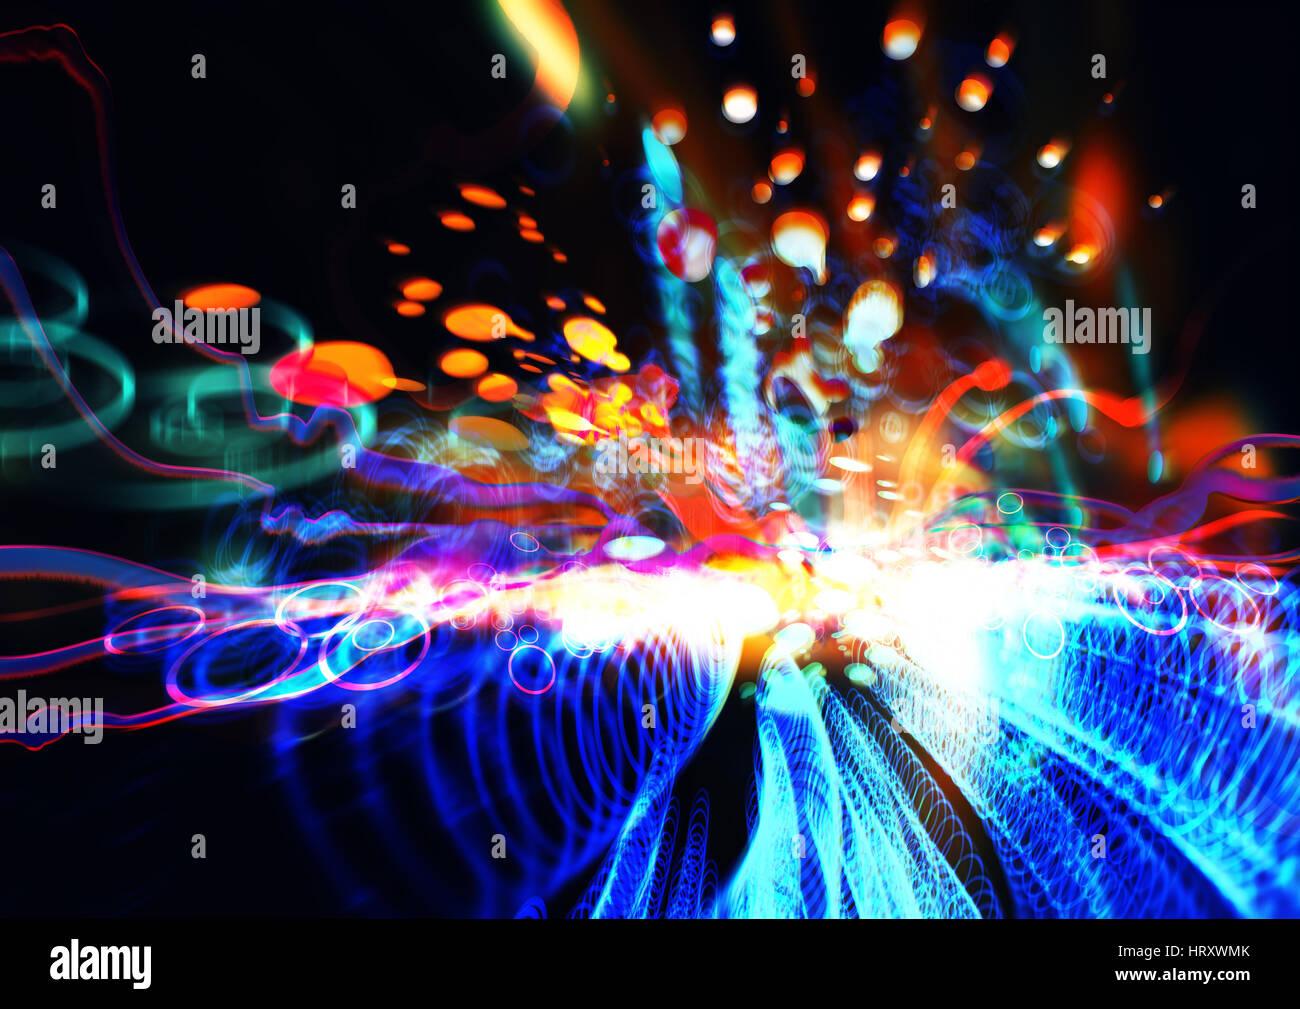 Abstract la scienza e la tecnologia conecpt,colorati vernice fractal ed elementi di design,pittura digitale Immagini Stock